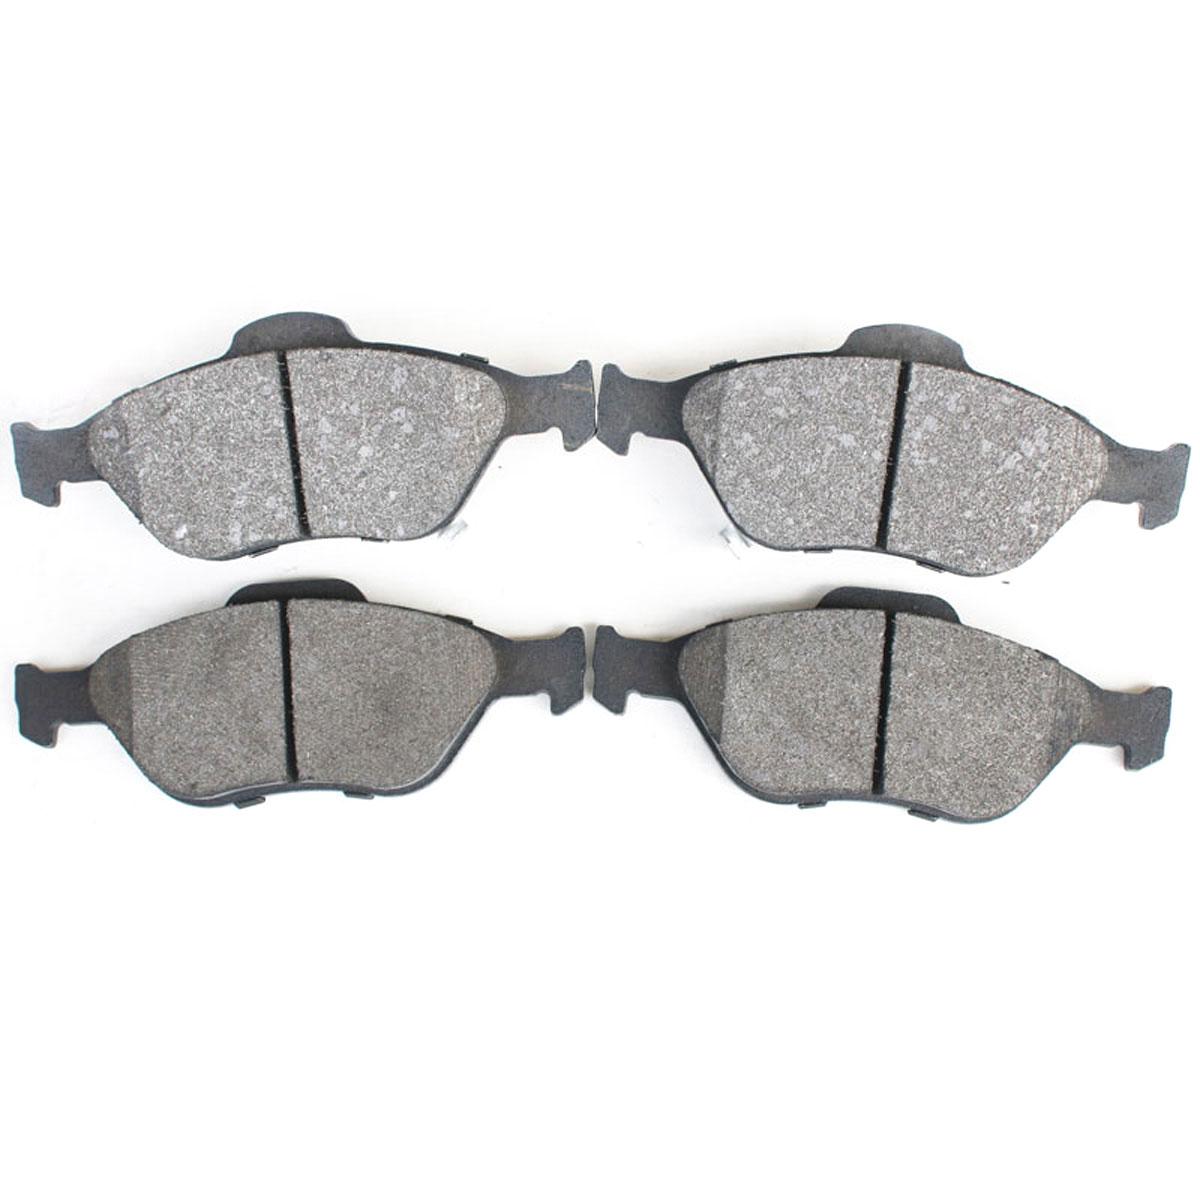 Bremsbelagsatz, Scheibenbremse, Vorderachse für Daihatsu, Toyota, BB08239